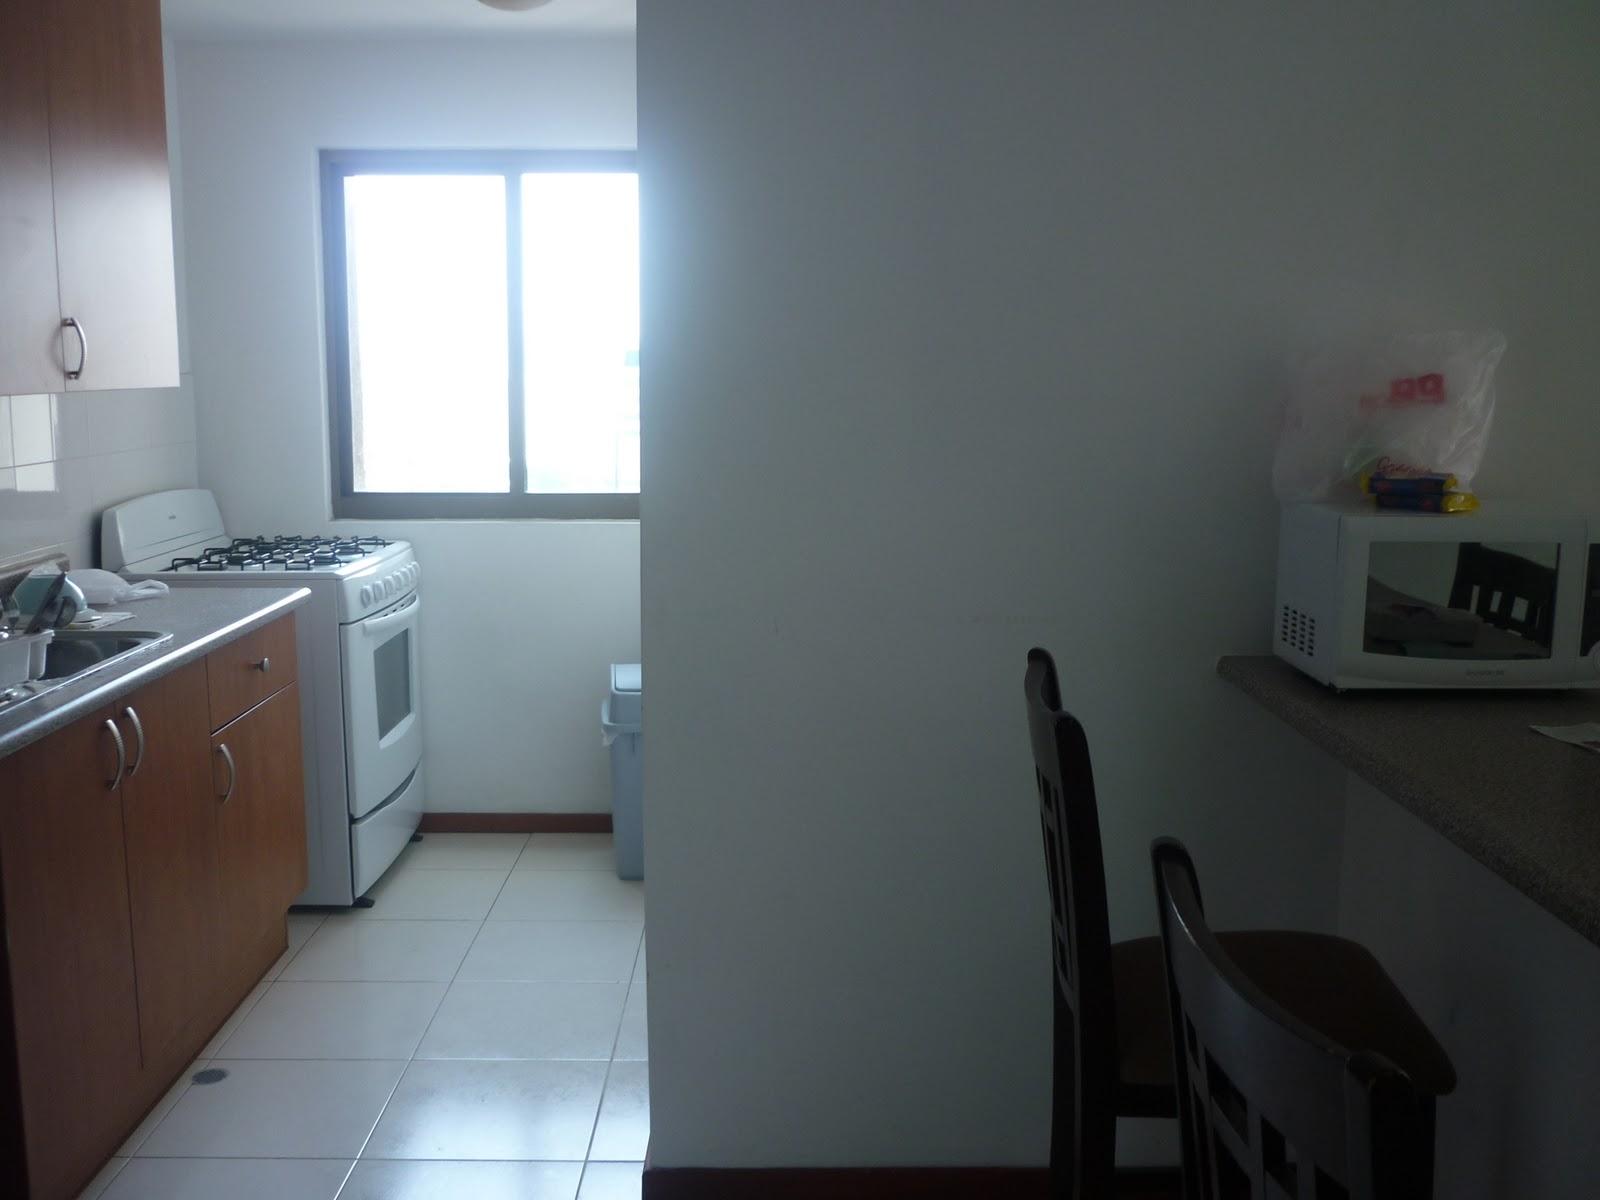 Apartamento panama vistas de cocina zona de labores for Vistas de cocinas